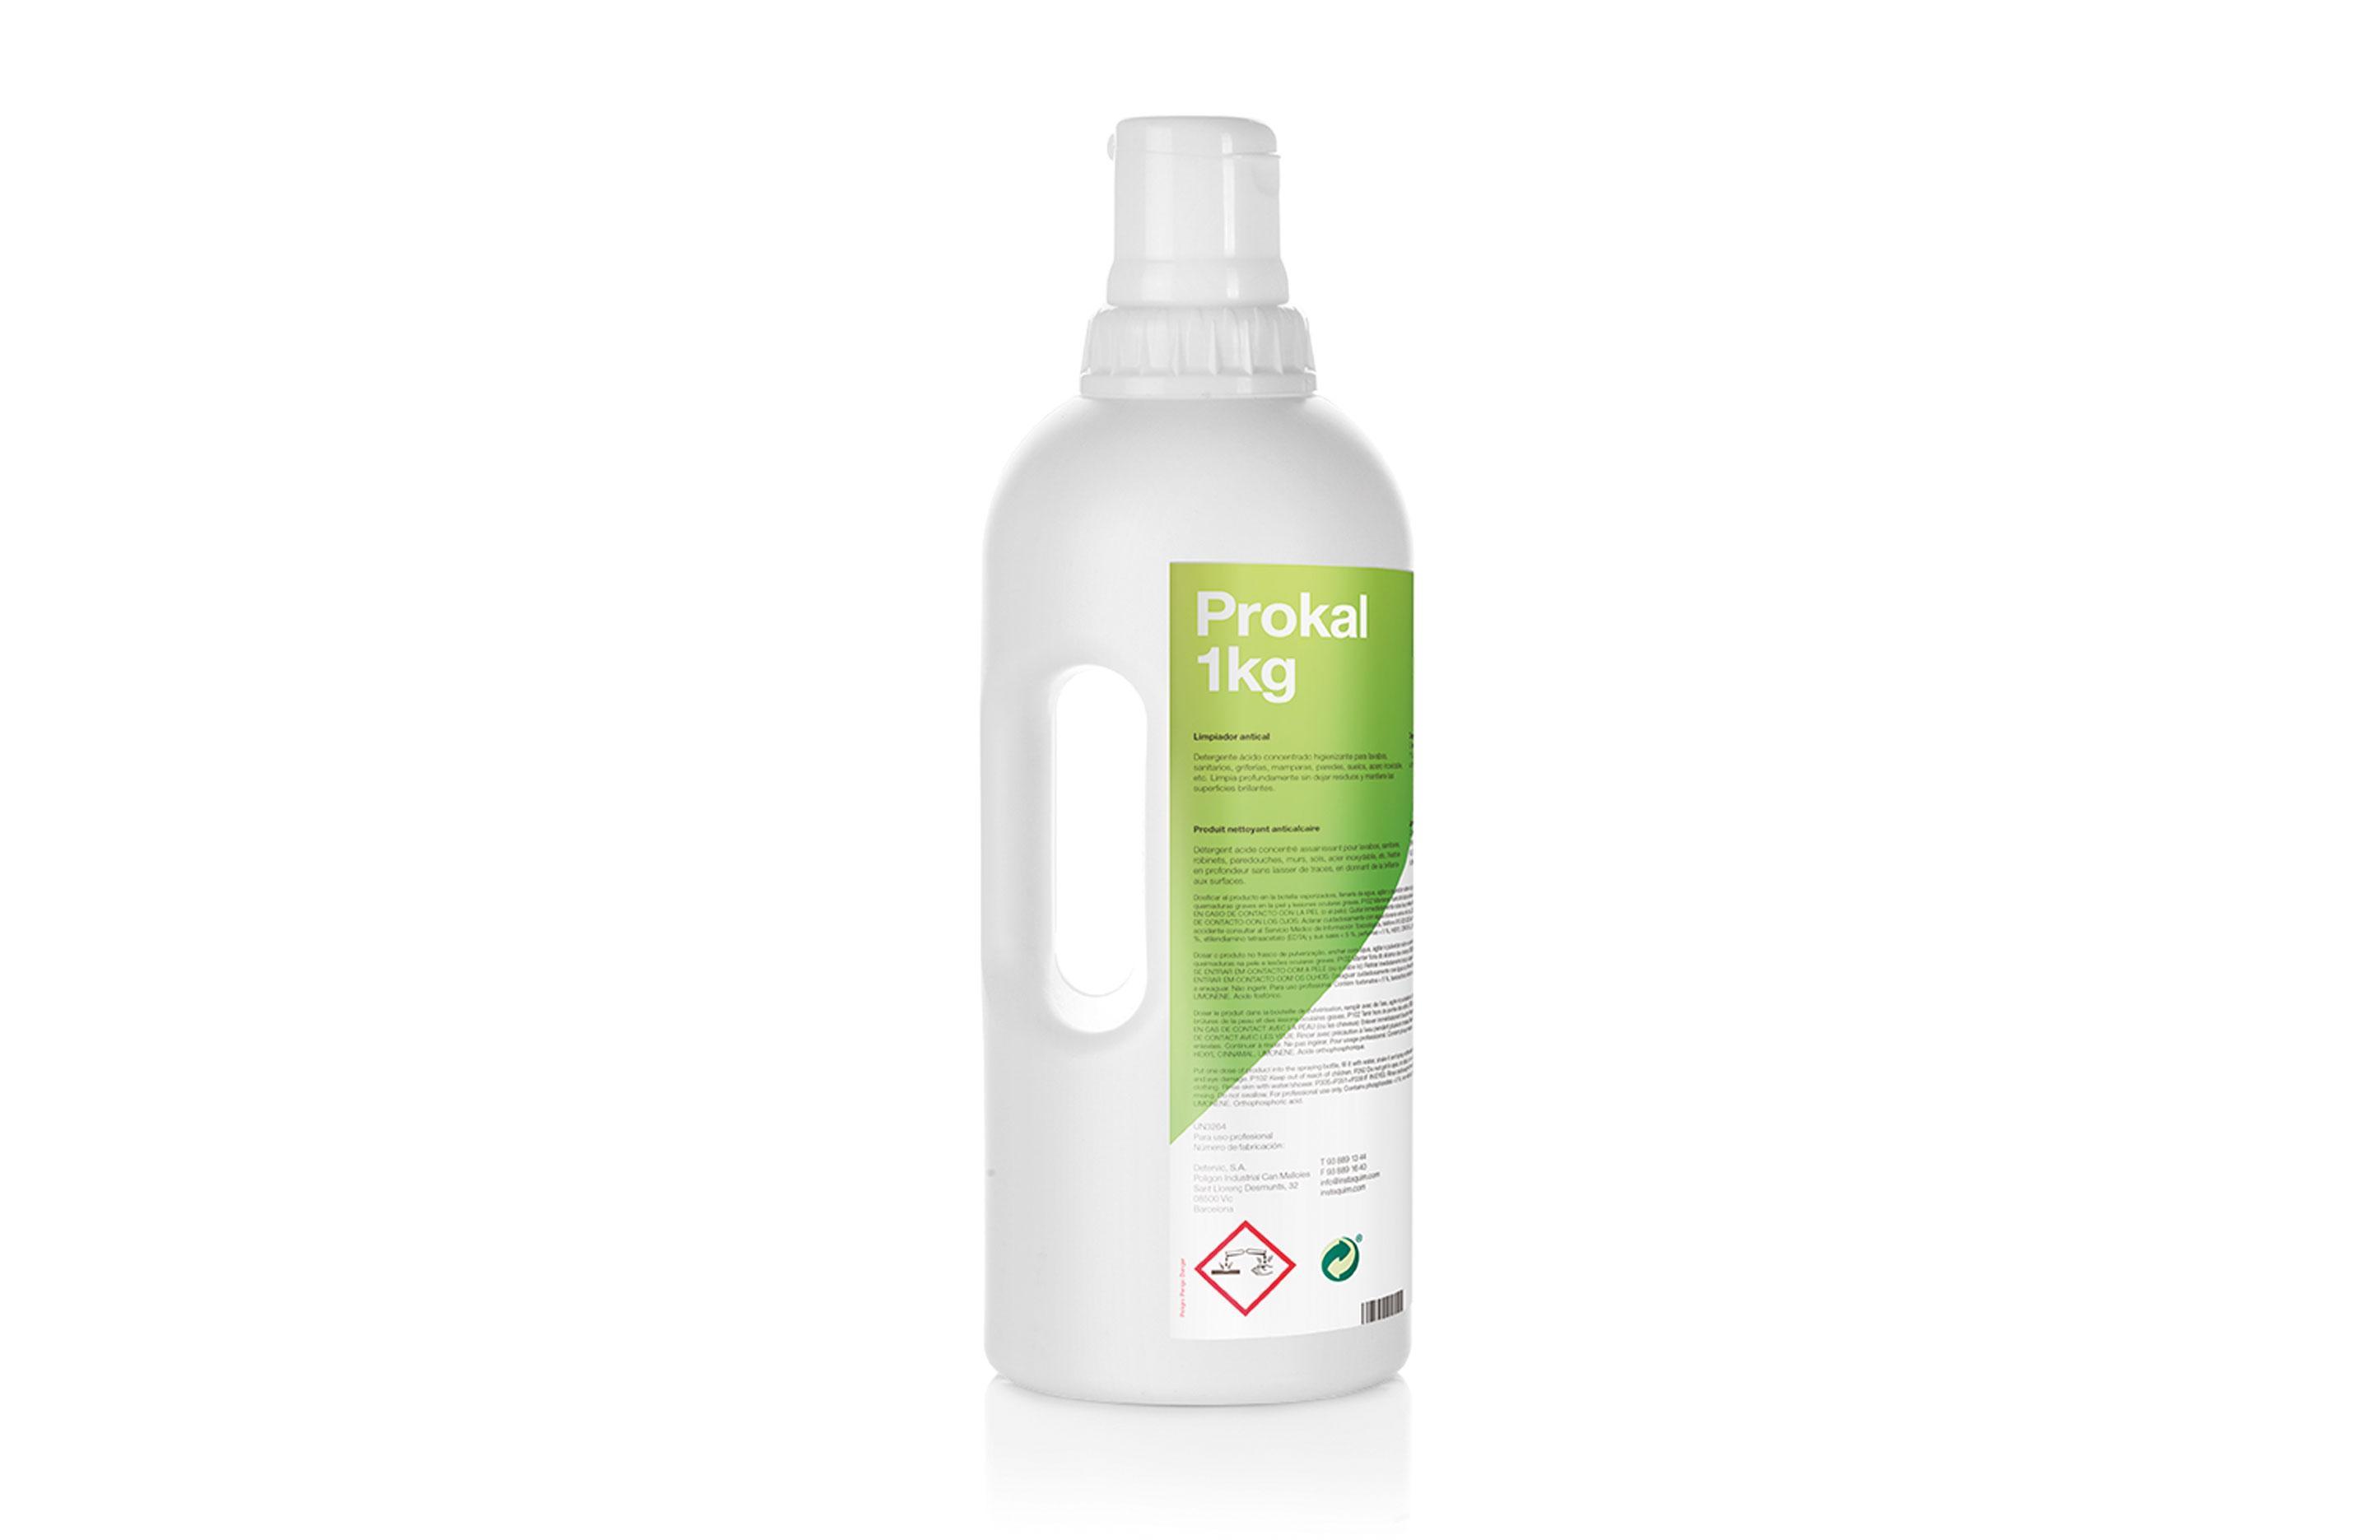 Prokal, limpiador antical - Autodosis.